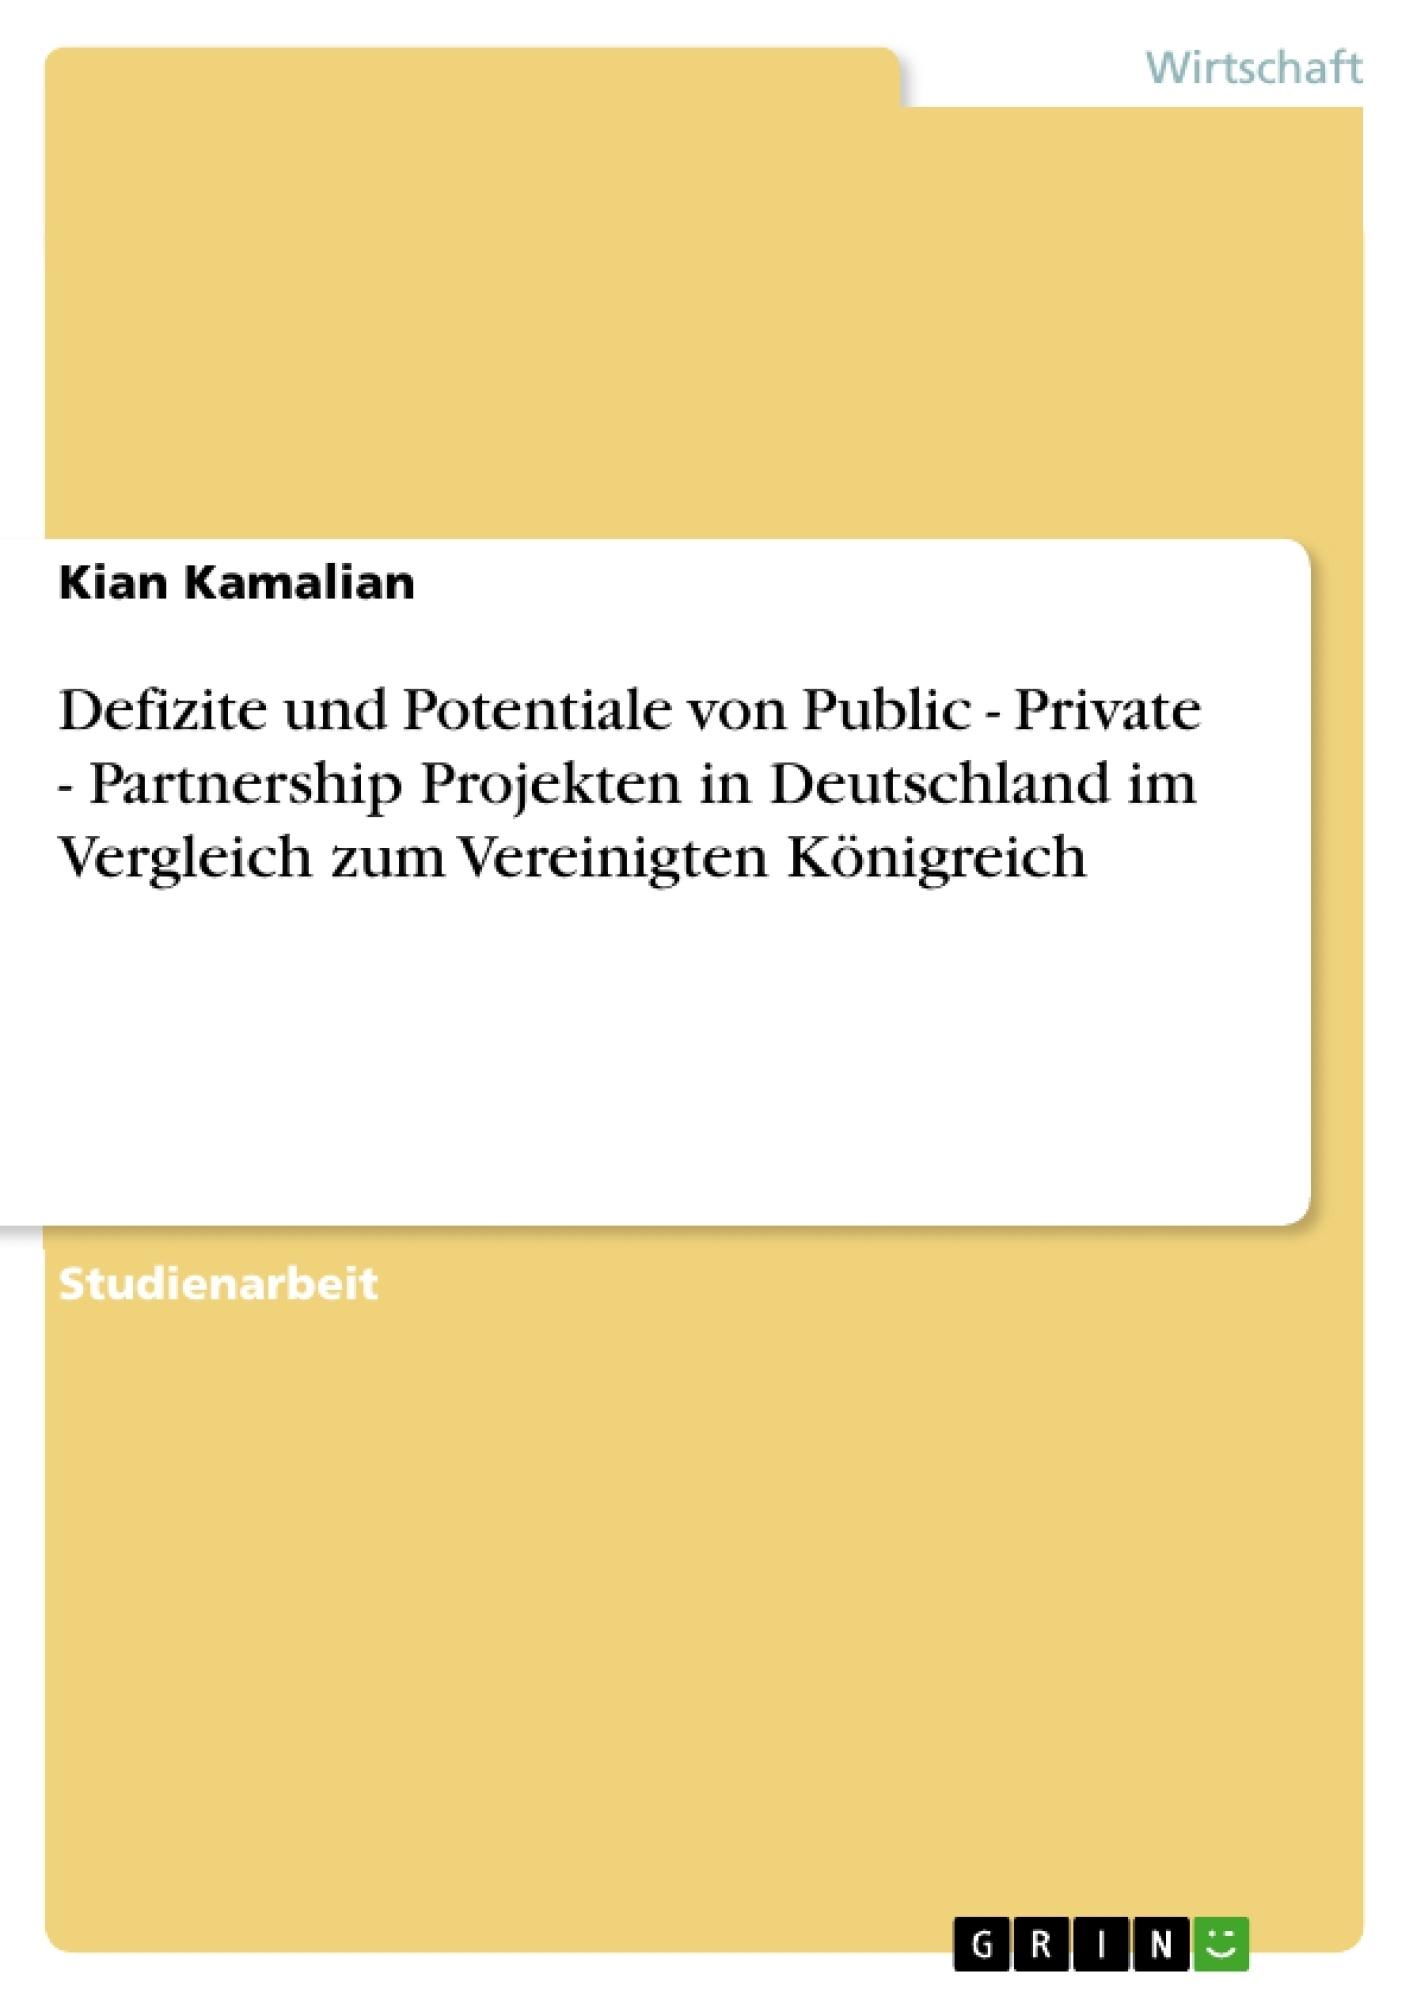 Titel: Defizite und Potentiale von Public - Private - Partnership Projekten in Deutschland im Vergleich zum Vereinigten Königreich